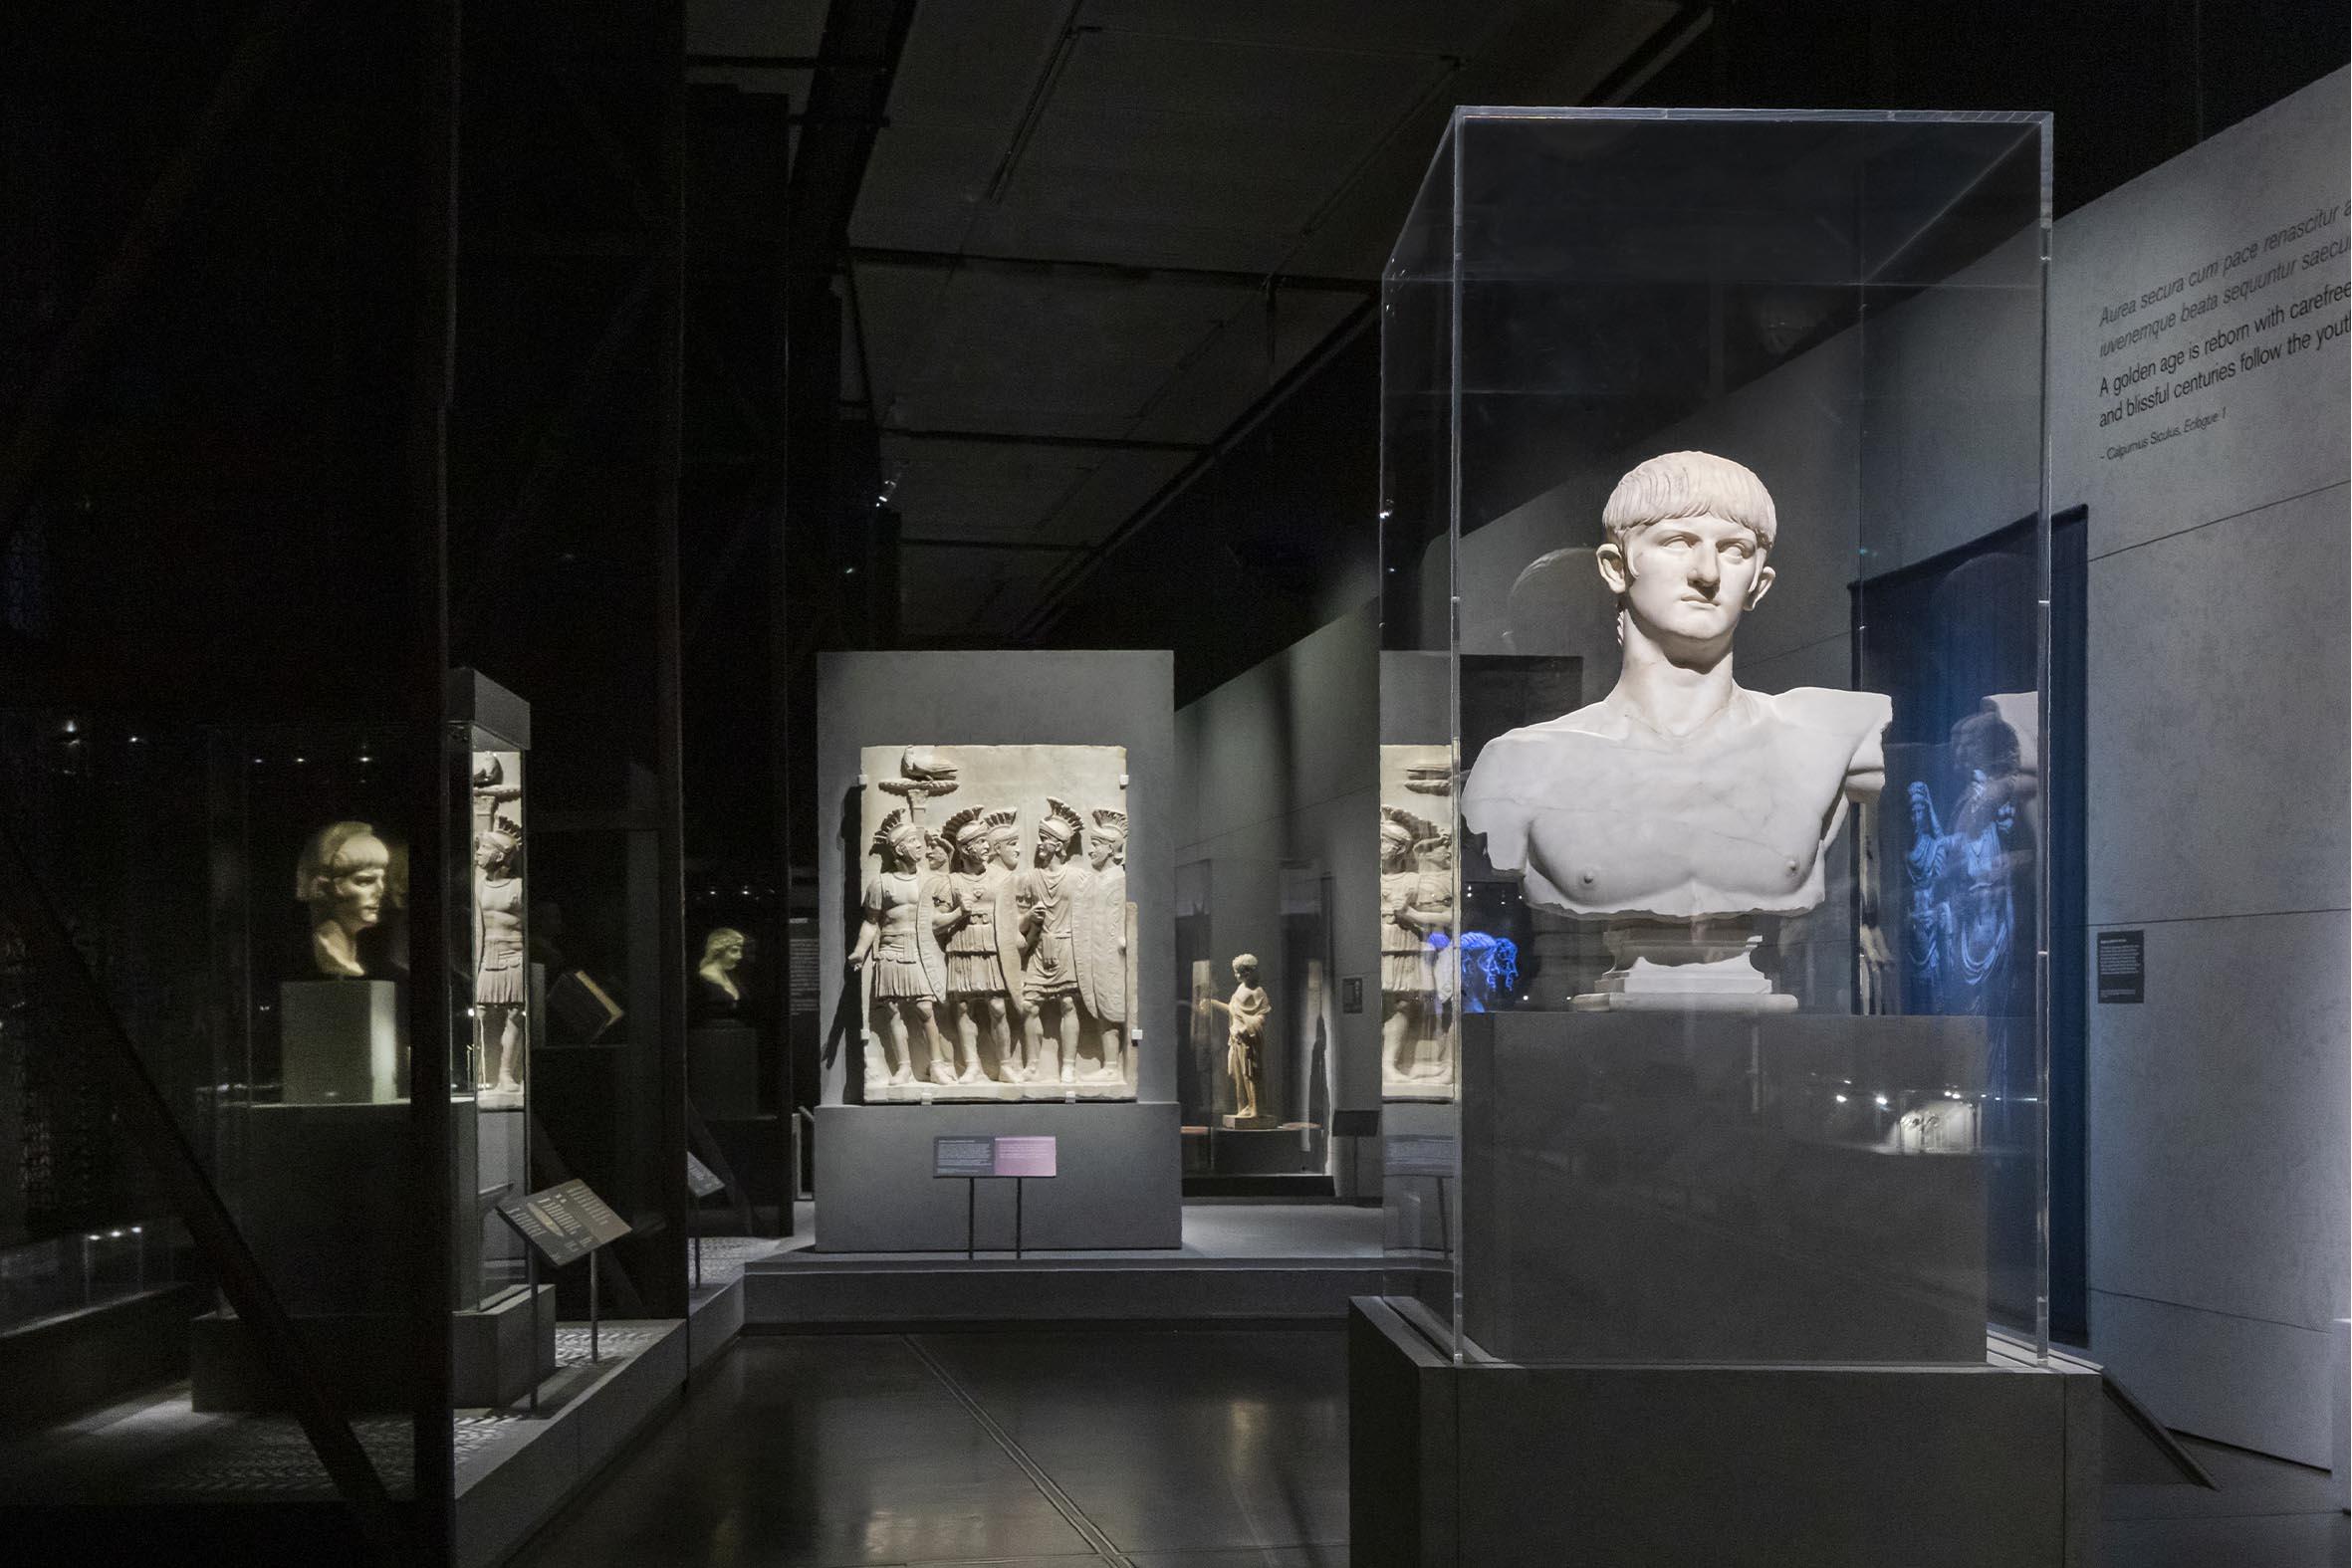 lombaertstudio_british_museum_neroexhibition_06